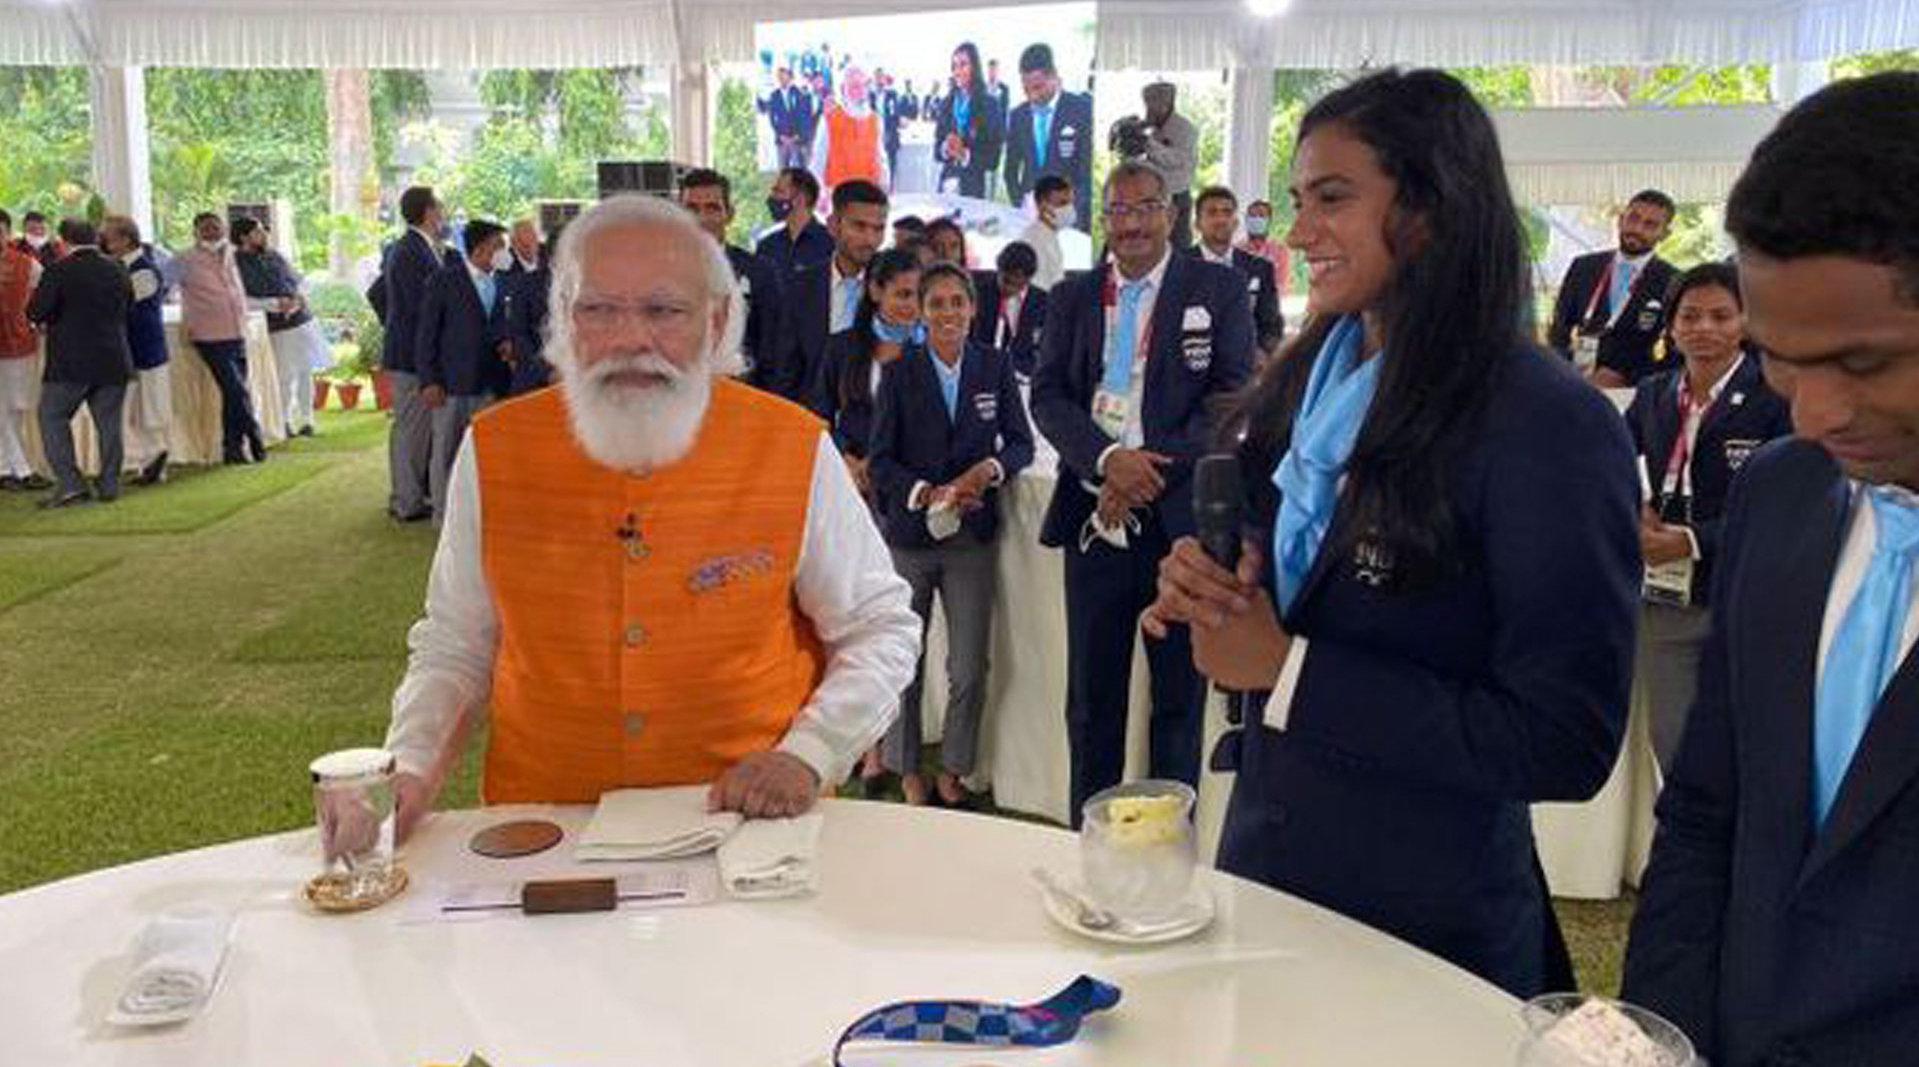 莫迪请印度女运动员吃冰淇淋